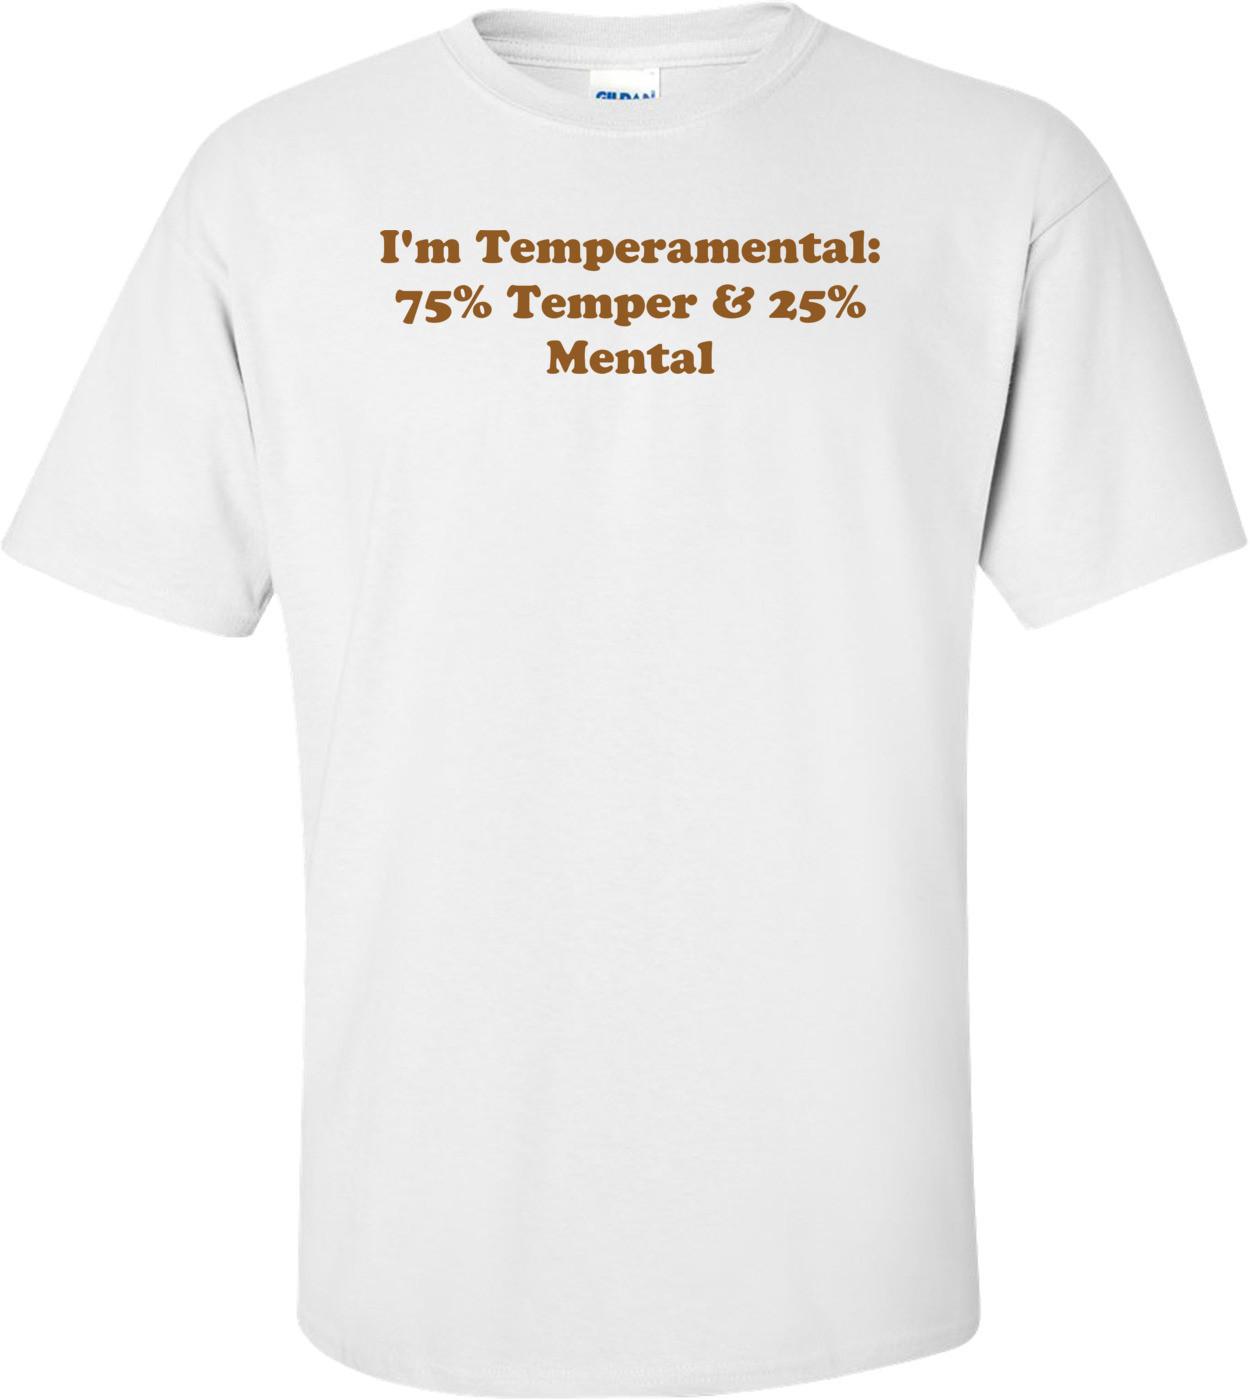 I'm Temperamental: 75% Temper & 25% Mental Shirt